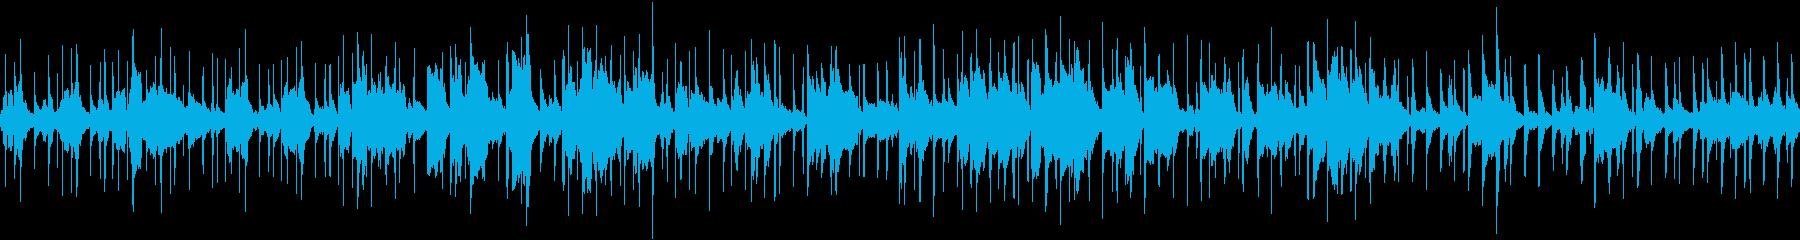 イージーリスニング フルート アコ...の再生済みの波形